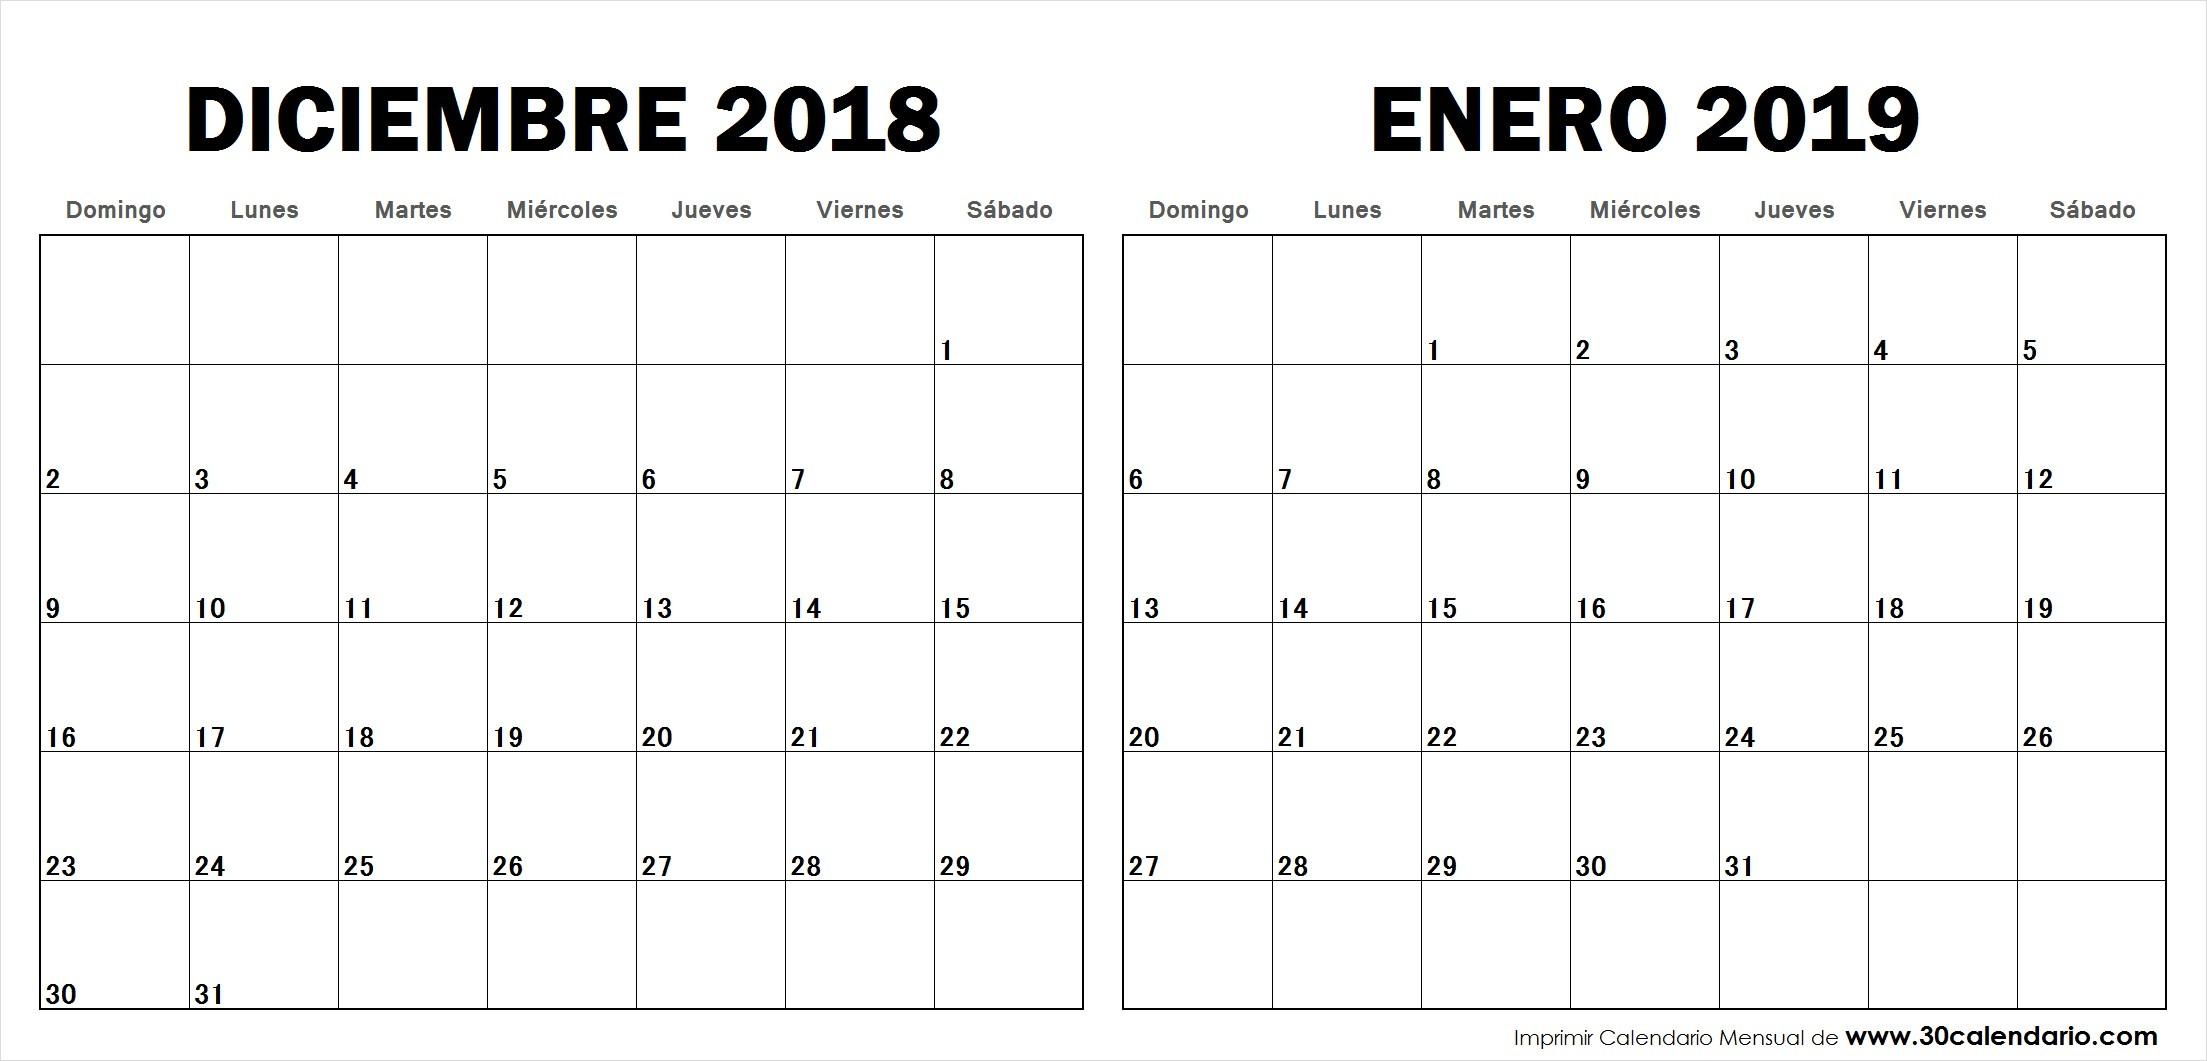 Calendario 2019 Feriados Excel Más Recientes Calendario Diciembre 2018 Enero 2019 Con Feriados Para Imprimir